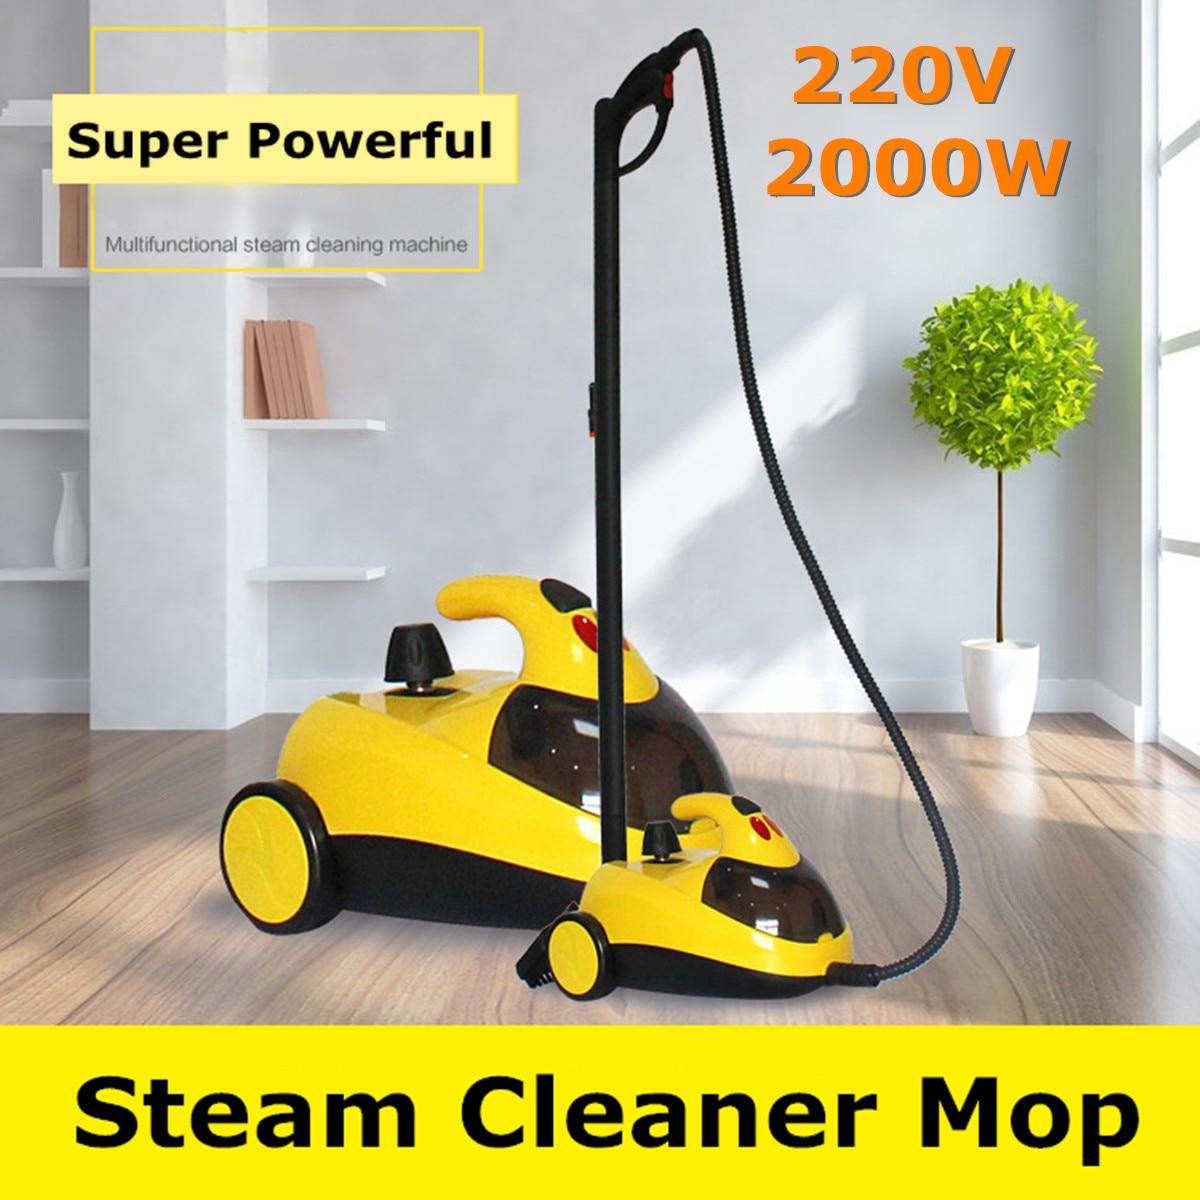 Piso Carpet Cleaner 13in1 AU220V 1.5L4.0 2000 W Bar máquina de Lavar A Vapor de Alta Pressão Máquina de Limpeza de 360 Rodas para o Banheiro Limpo carro